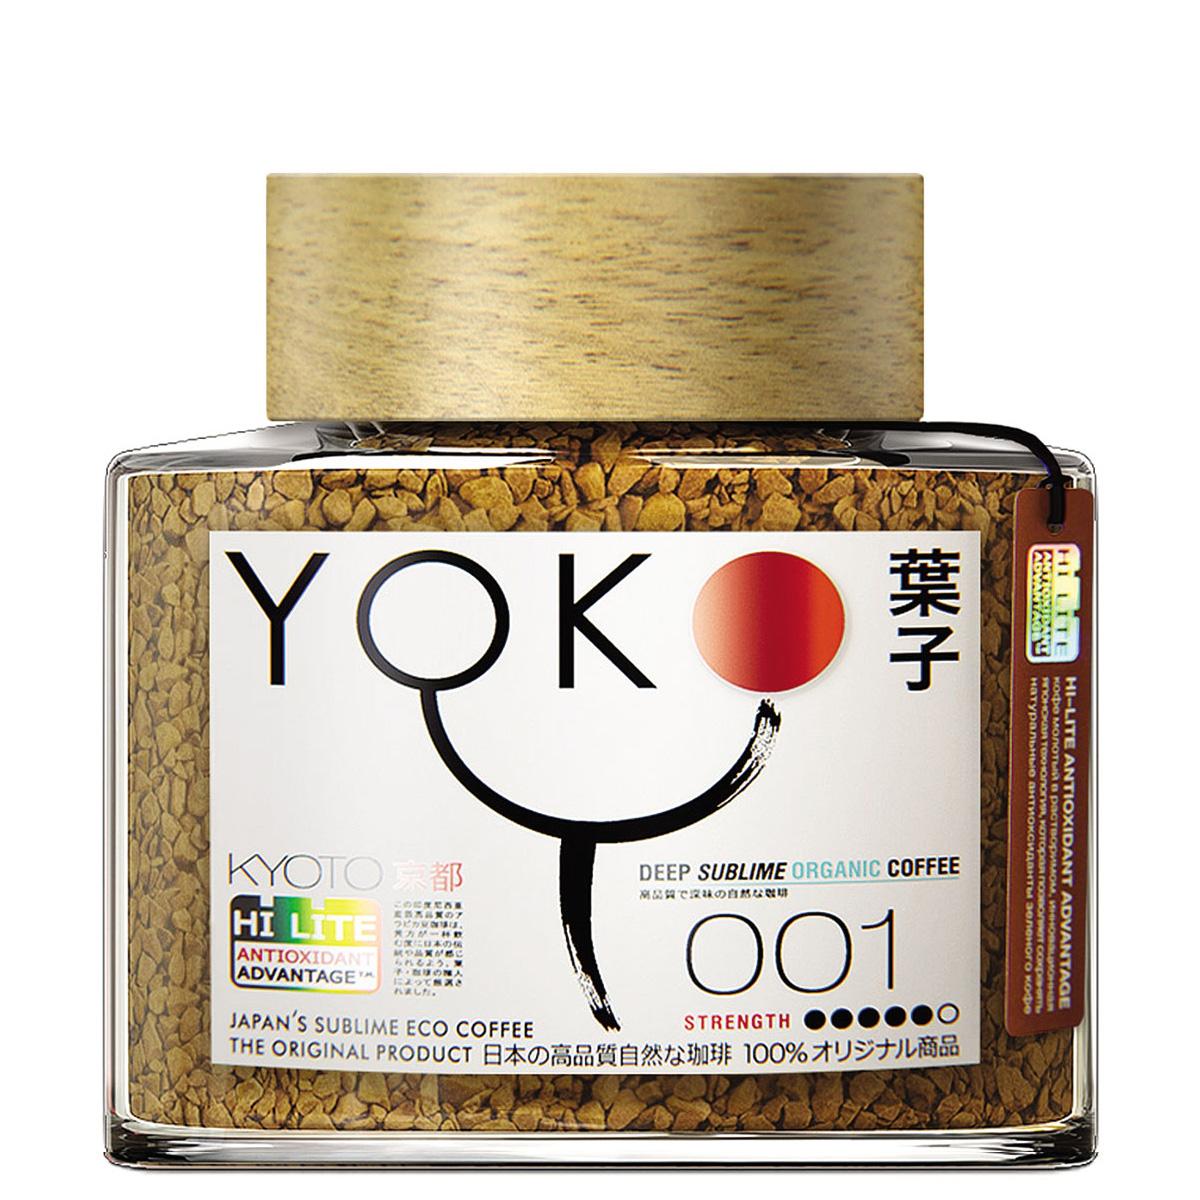 Yoko 001 blеnd кофе растворимый в стеклянной банке, 100 г4607141338663Yoko 001 blеnd изготовлен по новейшей технологии HI-LITE, разработанной японскими учеными. Она позволяет сохранить все полезные свойства зеленого кофе, главным из которых является высокое содержание натуральных антиоксидантов. YOKO -это инновационные технологии и уважение к традициям в одной чашке кофе.